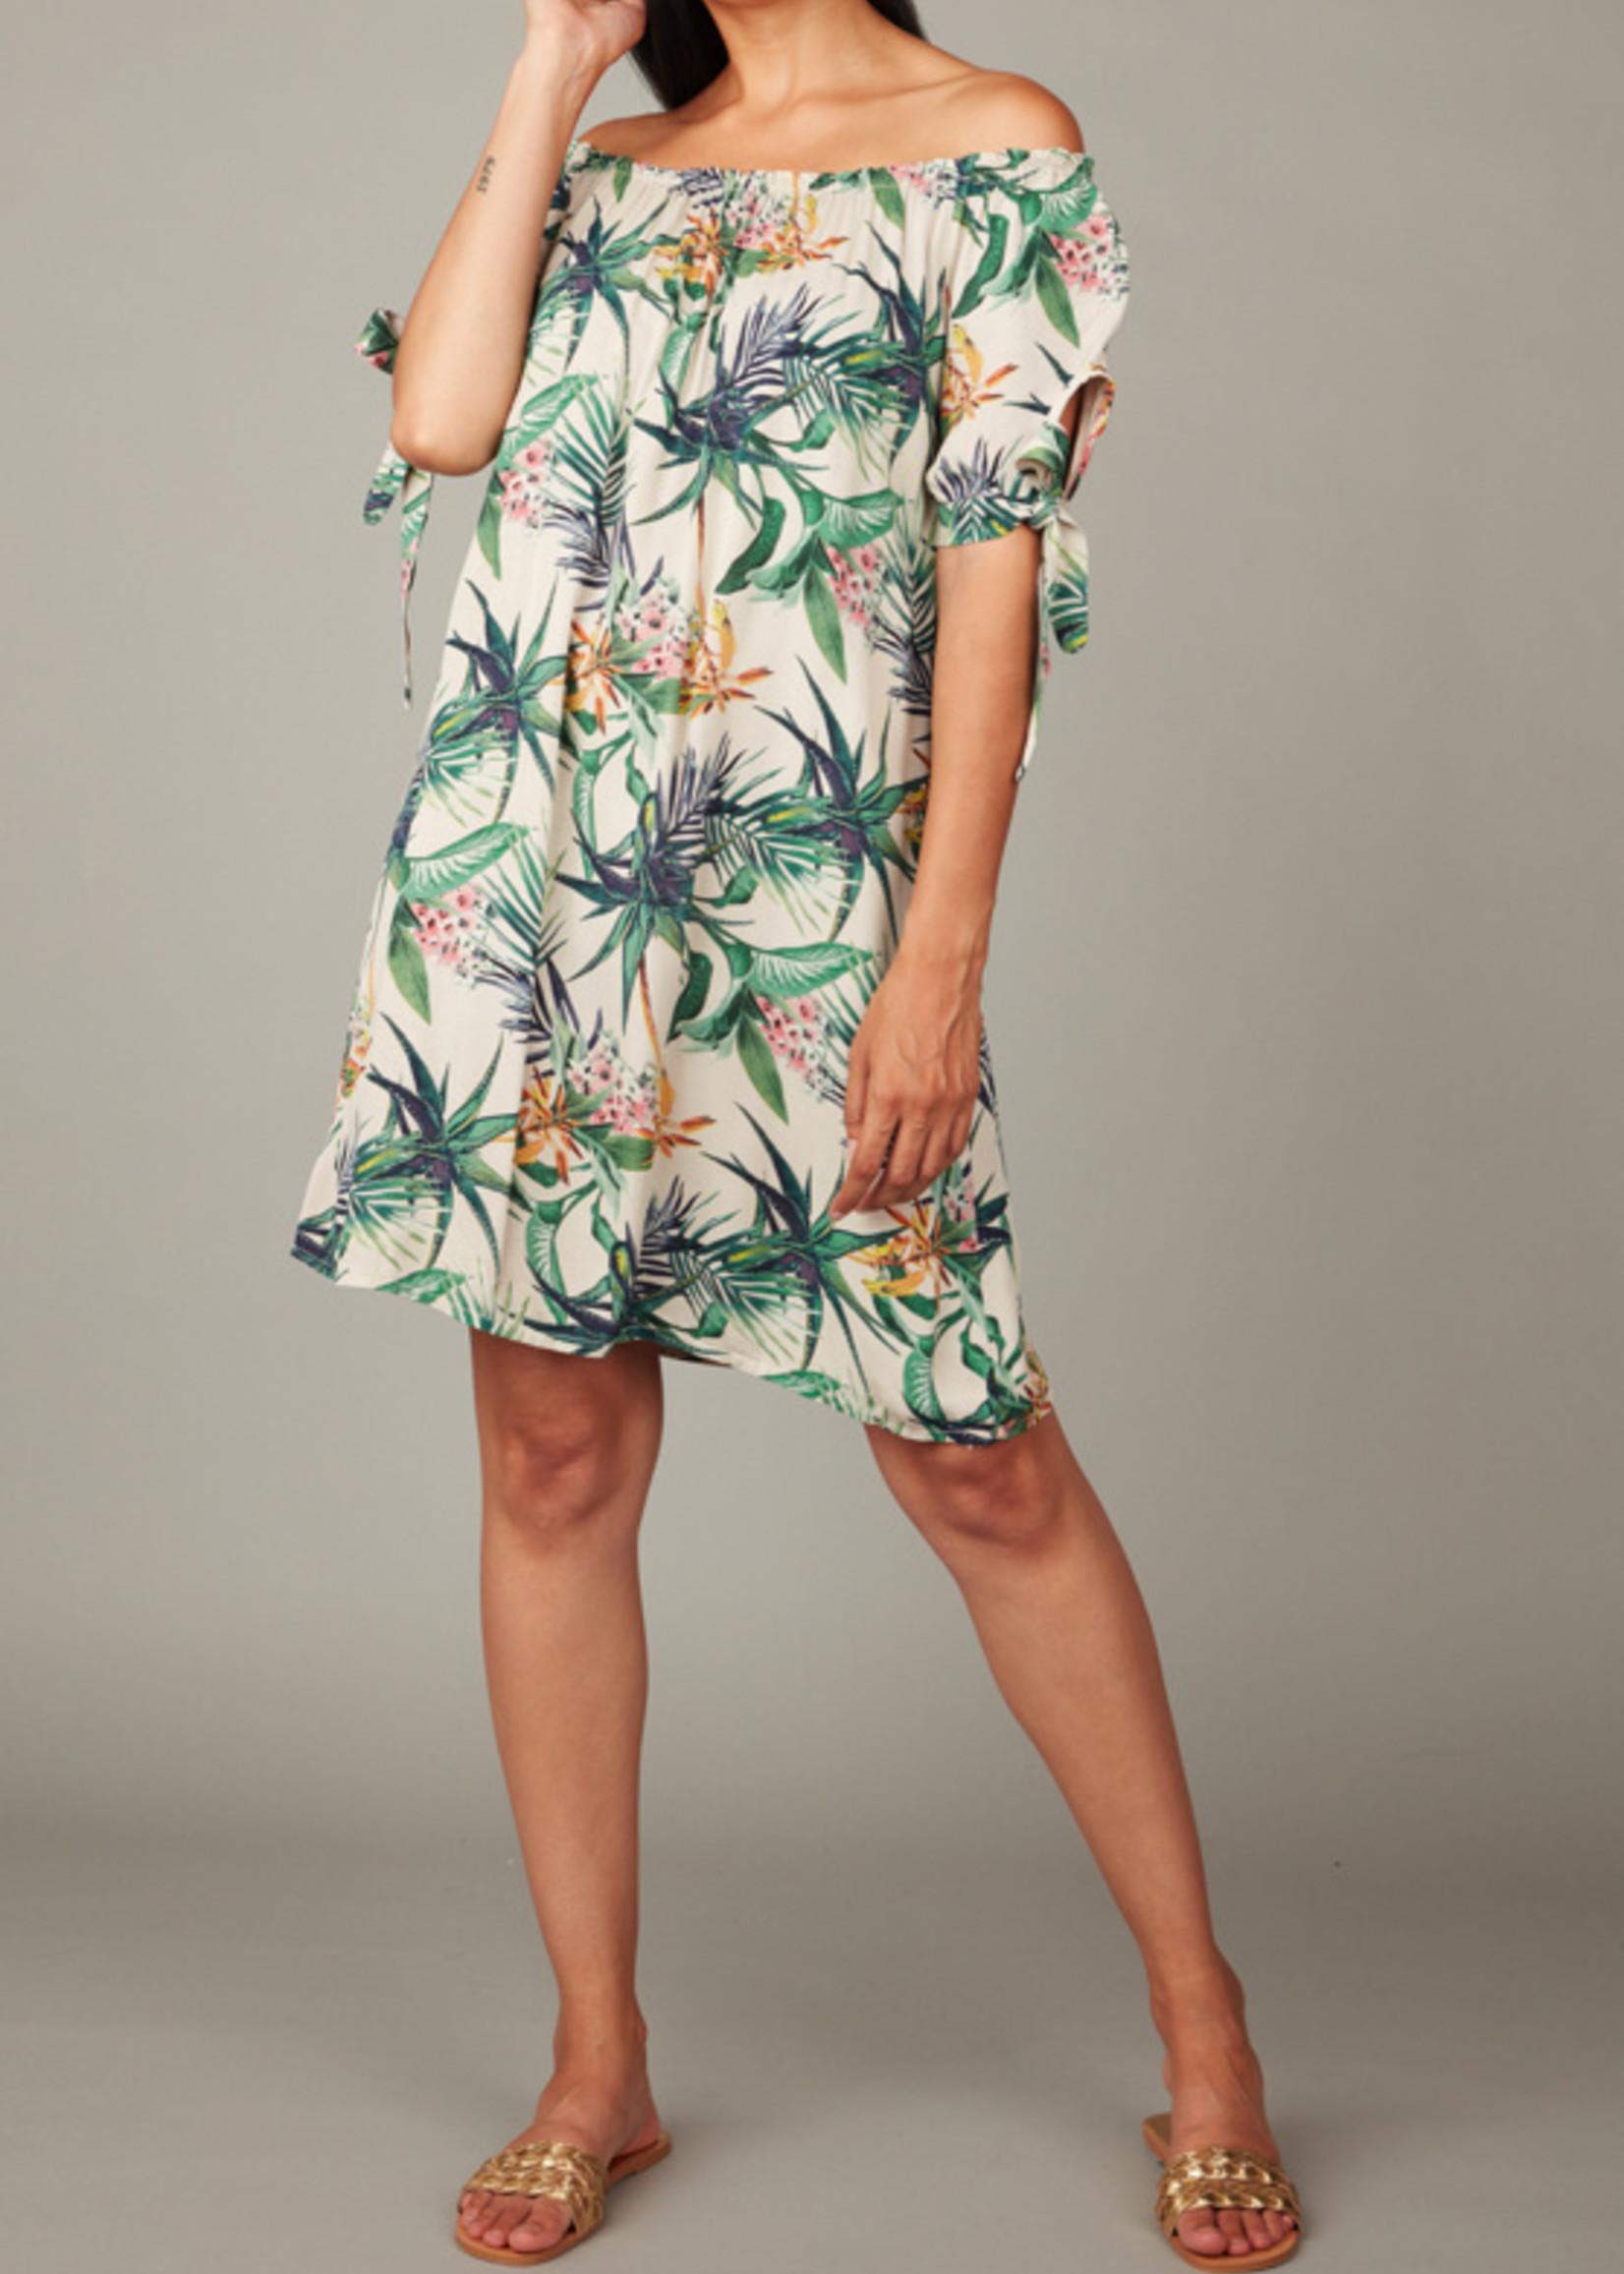 pistache Bamboo Print Dress